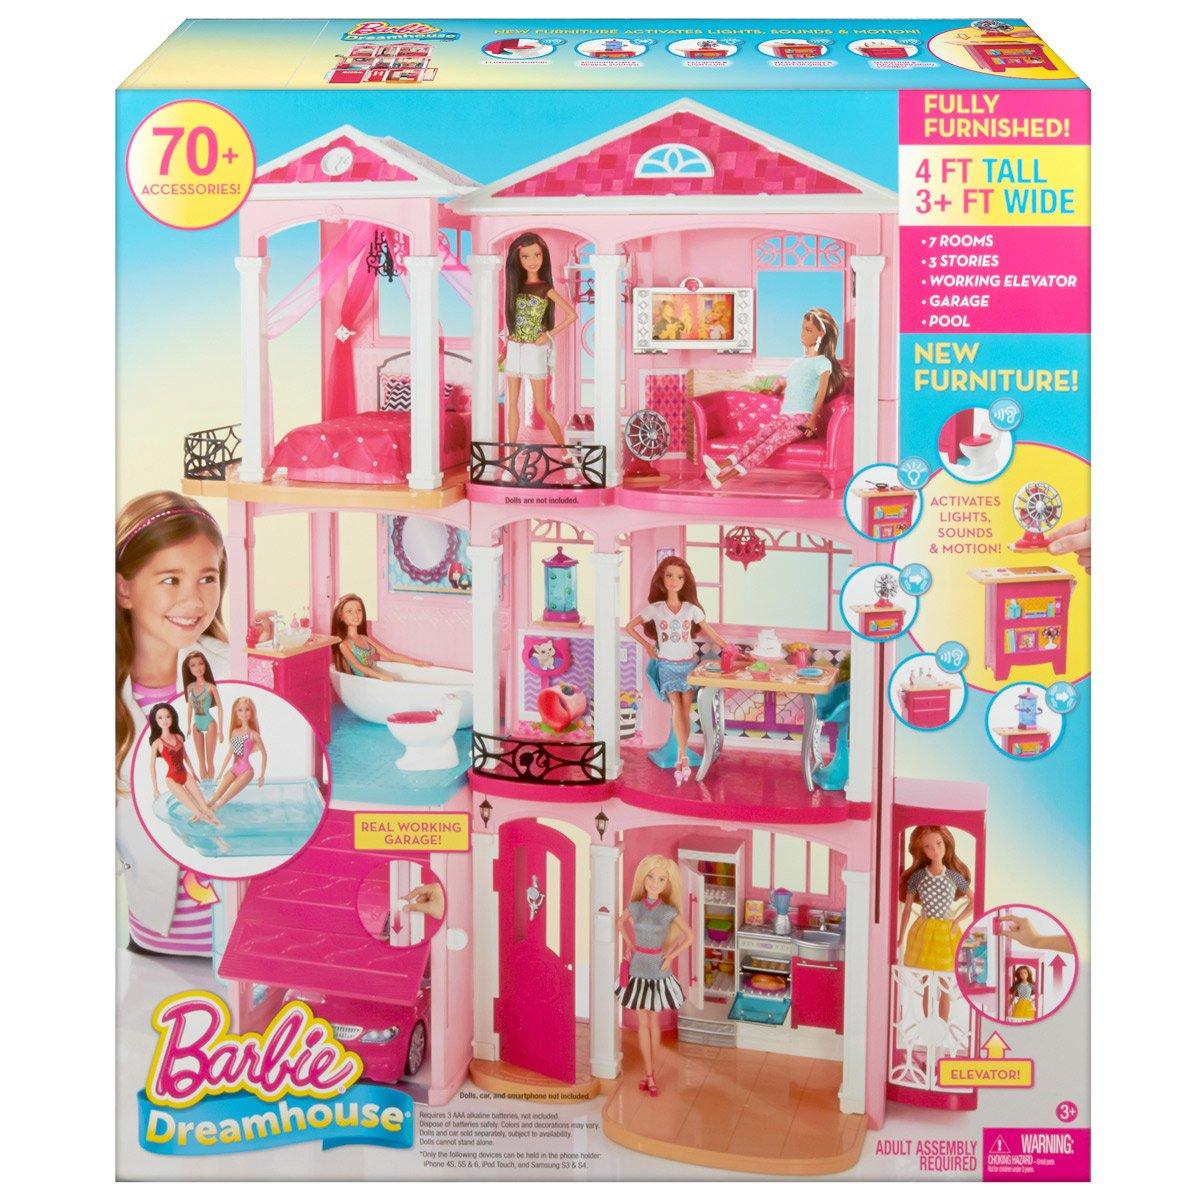 Barbie casa de los sue os sears com mx me entiende - Arreglar la casa de barbie ...